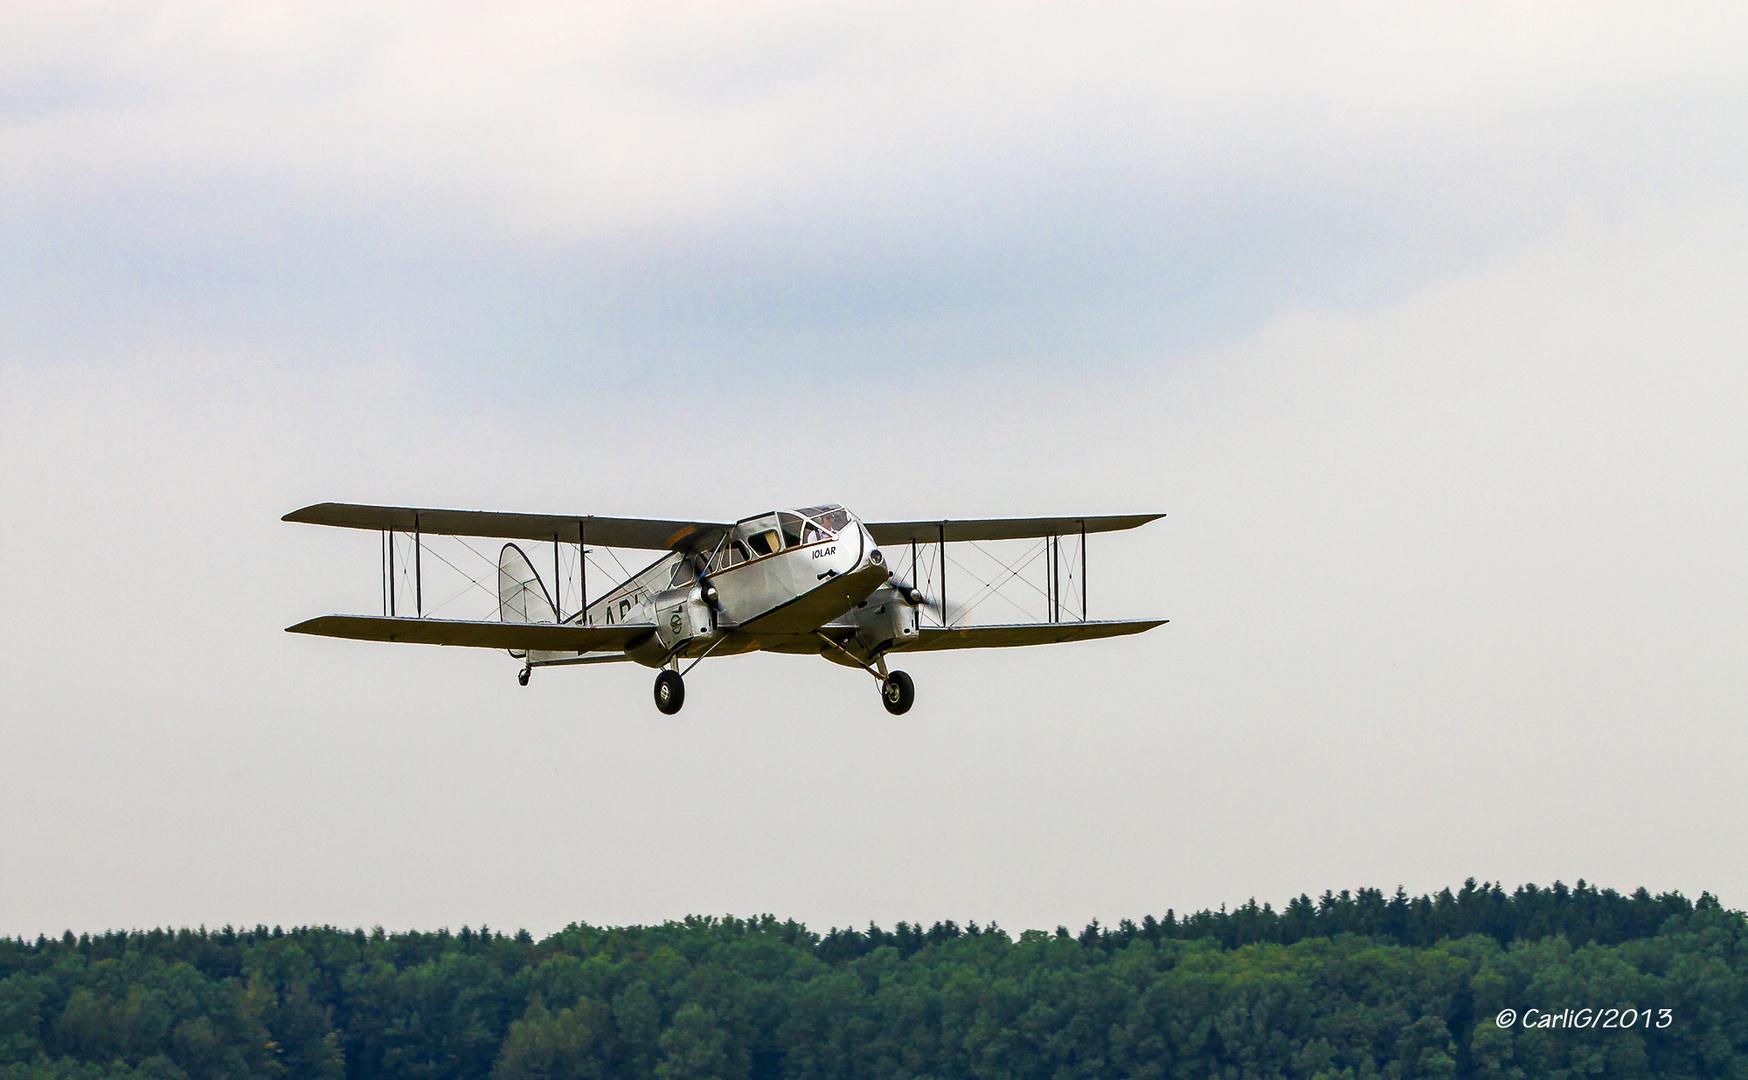 DH 84 Dragon